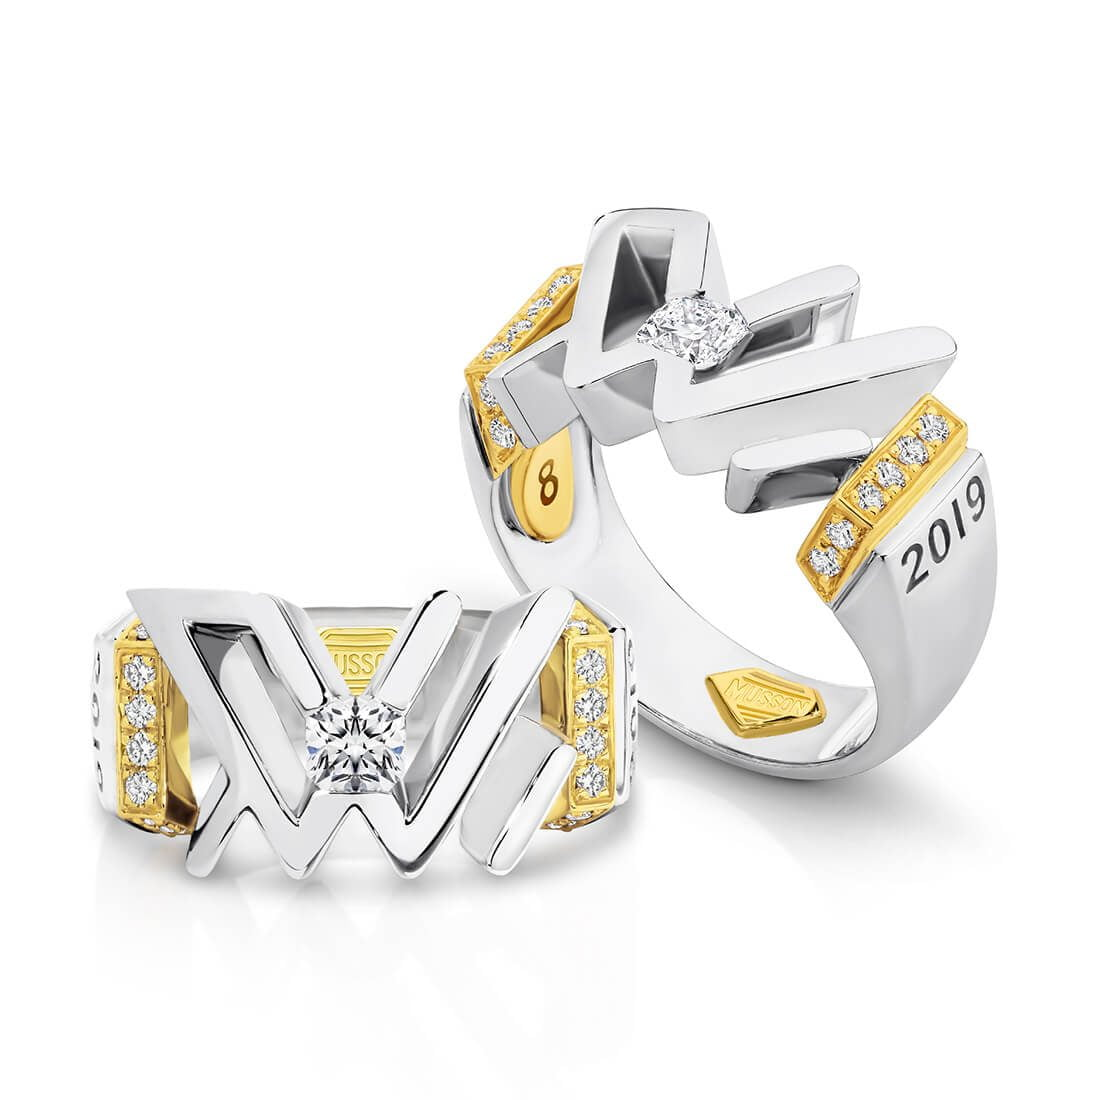 AFLW 2019 Premiership Ring